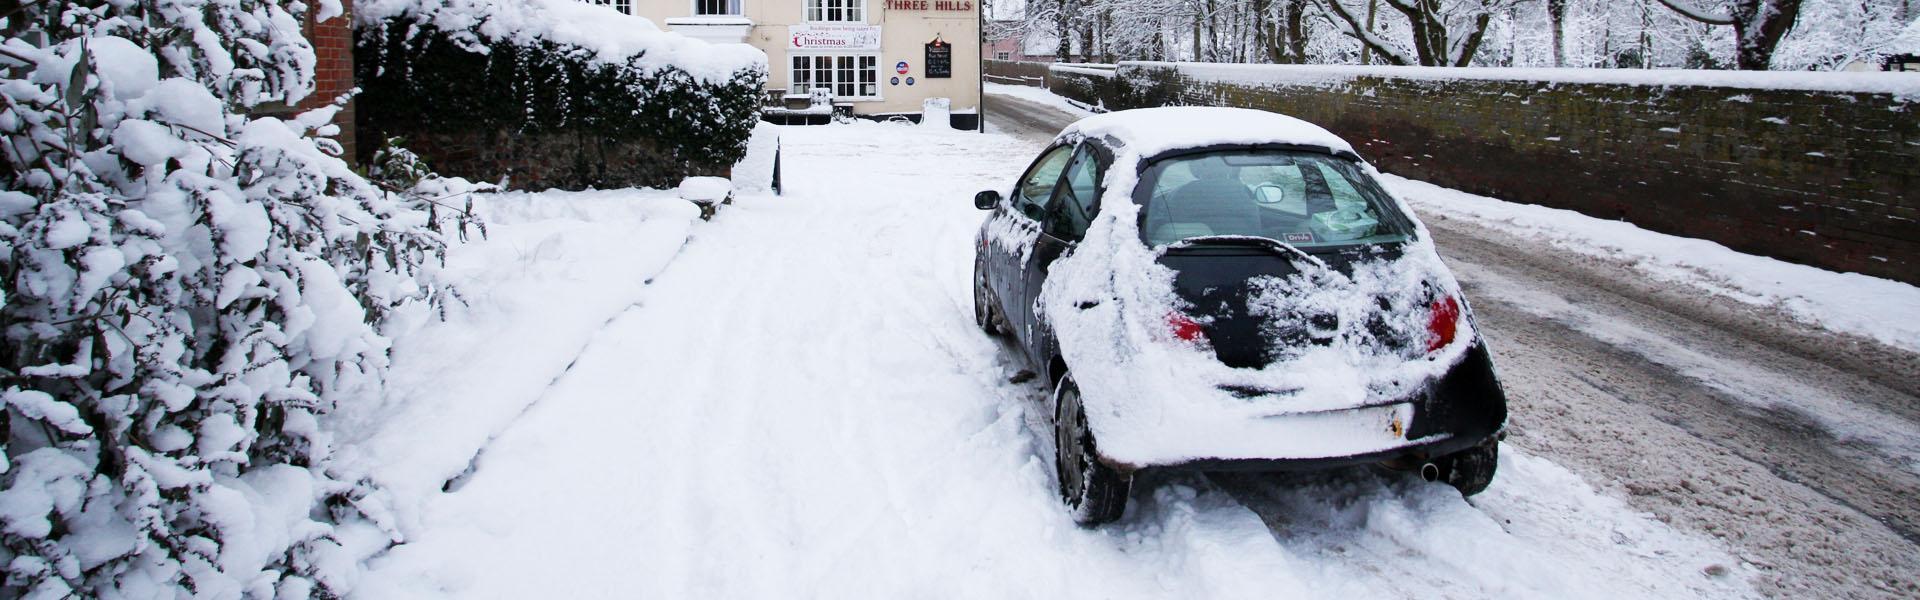 Sneeuwkettingen voor de Ford KA